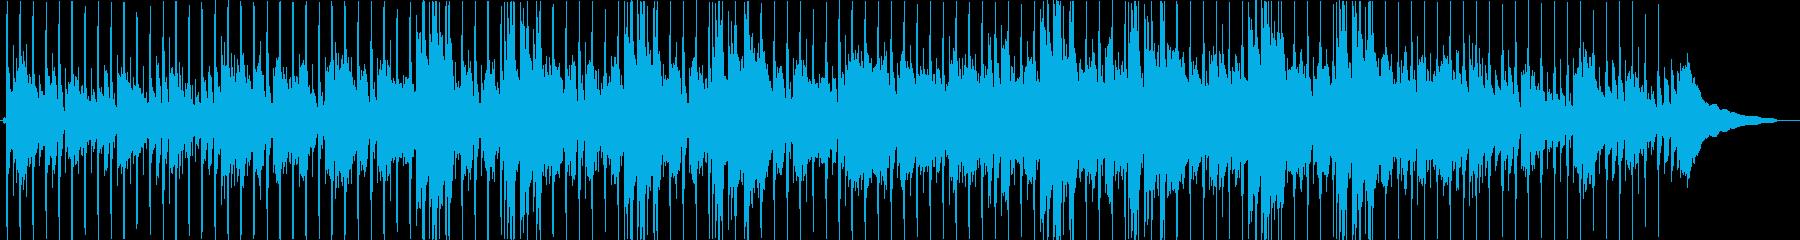 アコースティックなまったりポップスの再生済みの波形